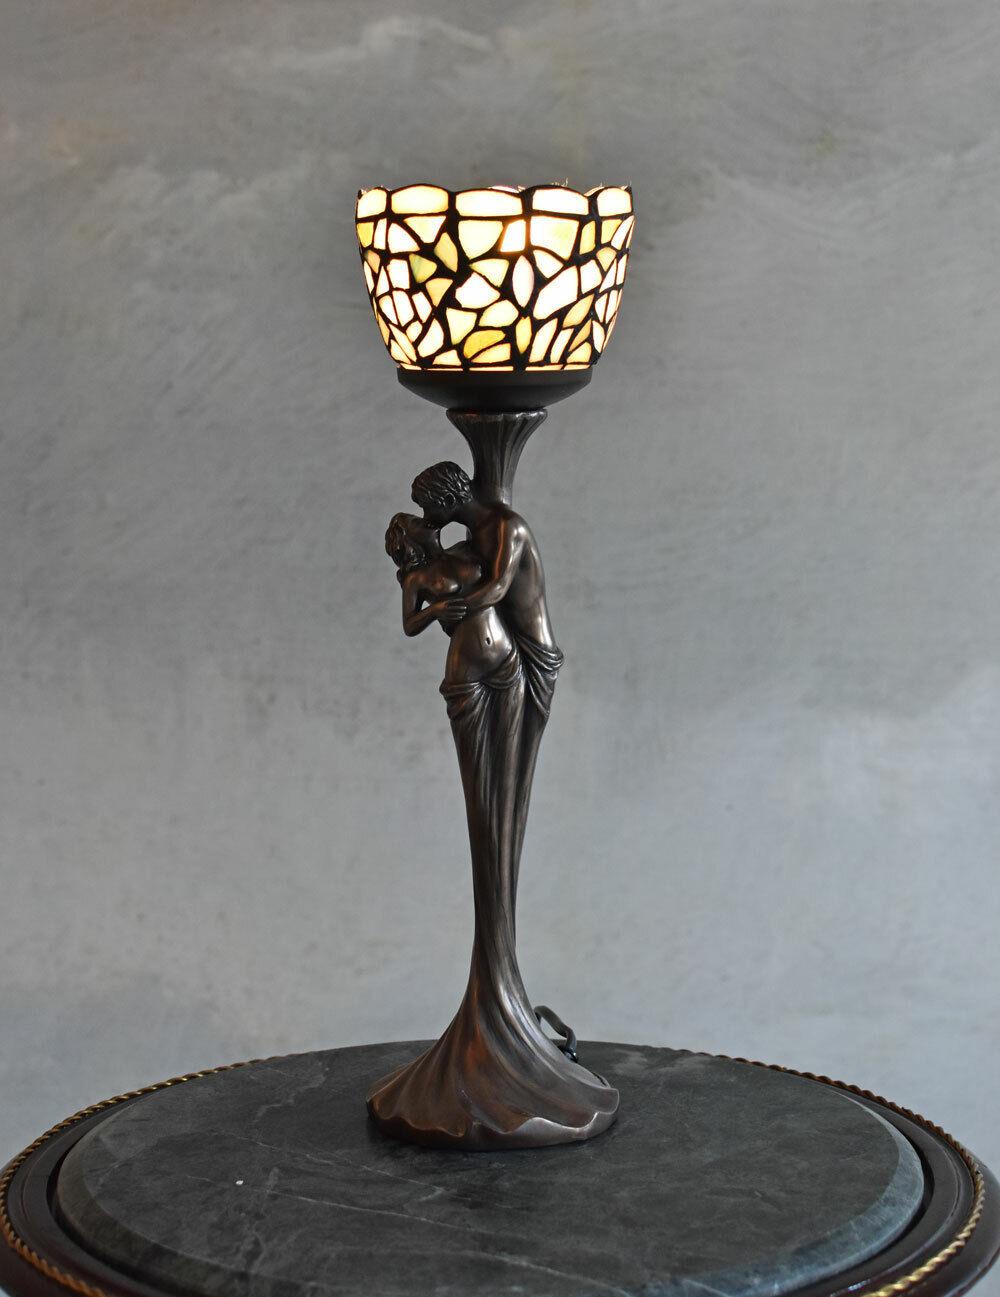 VINTAGE LAMPE FIGUREN TISCHLEUCHTE TIFFANY TISCHLAMPE ART NOUVEAU LEUCHTE ANTIK